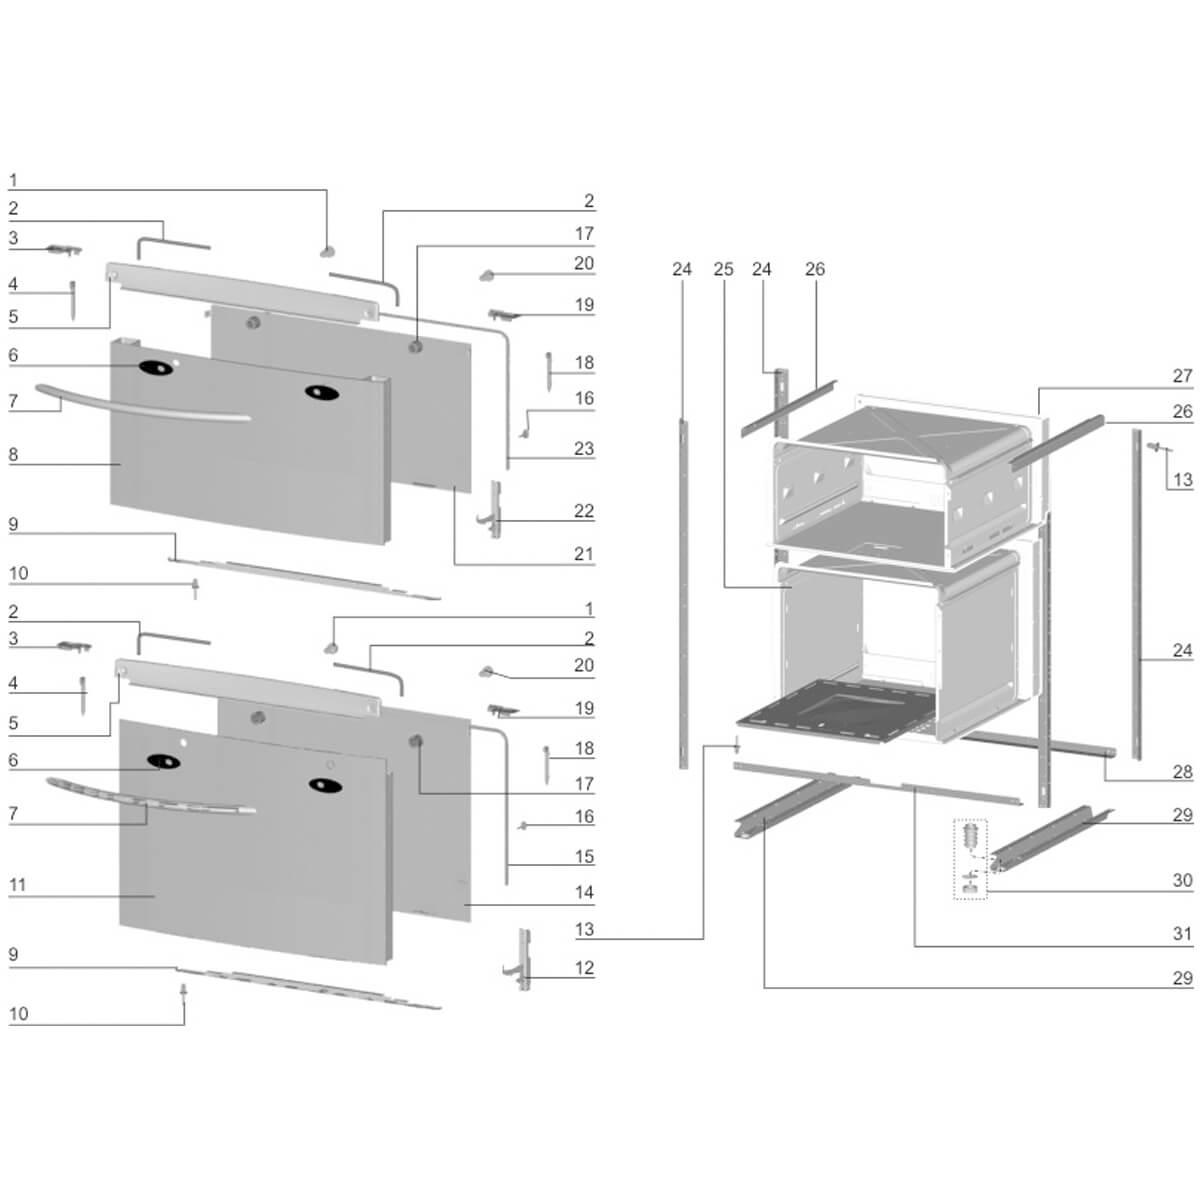 Vidro Interno Porta Forno Do Fogão 4 Bocas Electrolux -  70292377